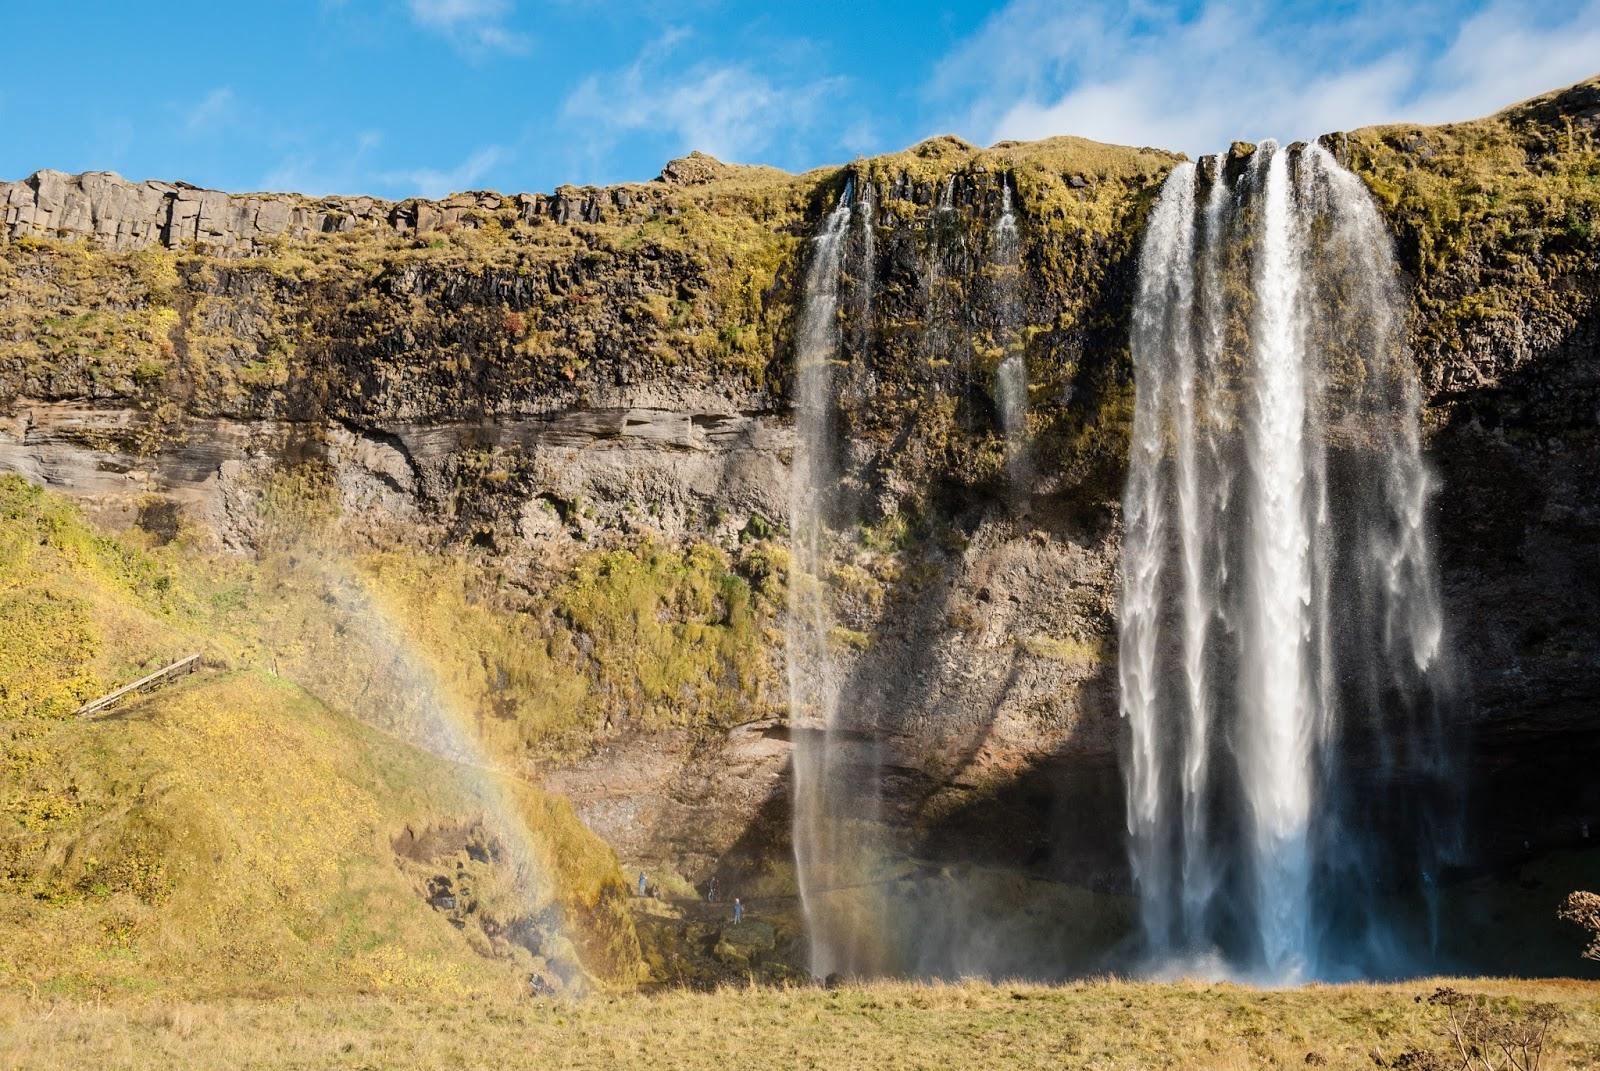 Islandia - dzień wodospadów.